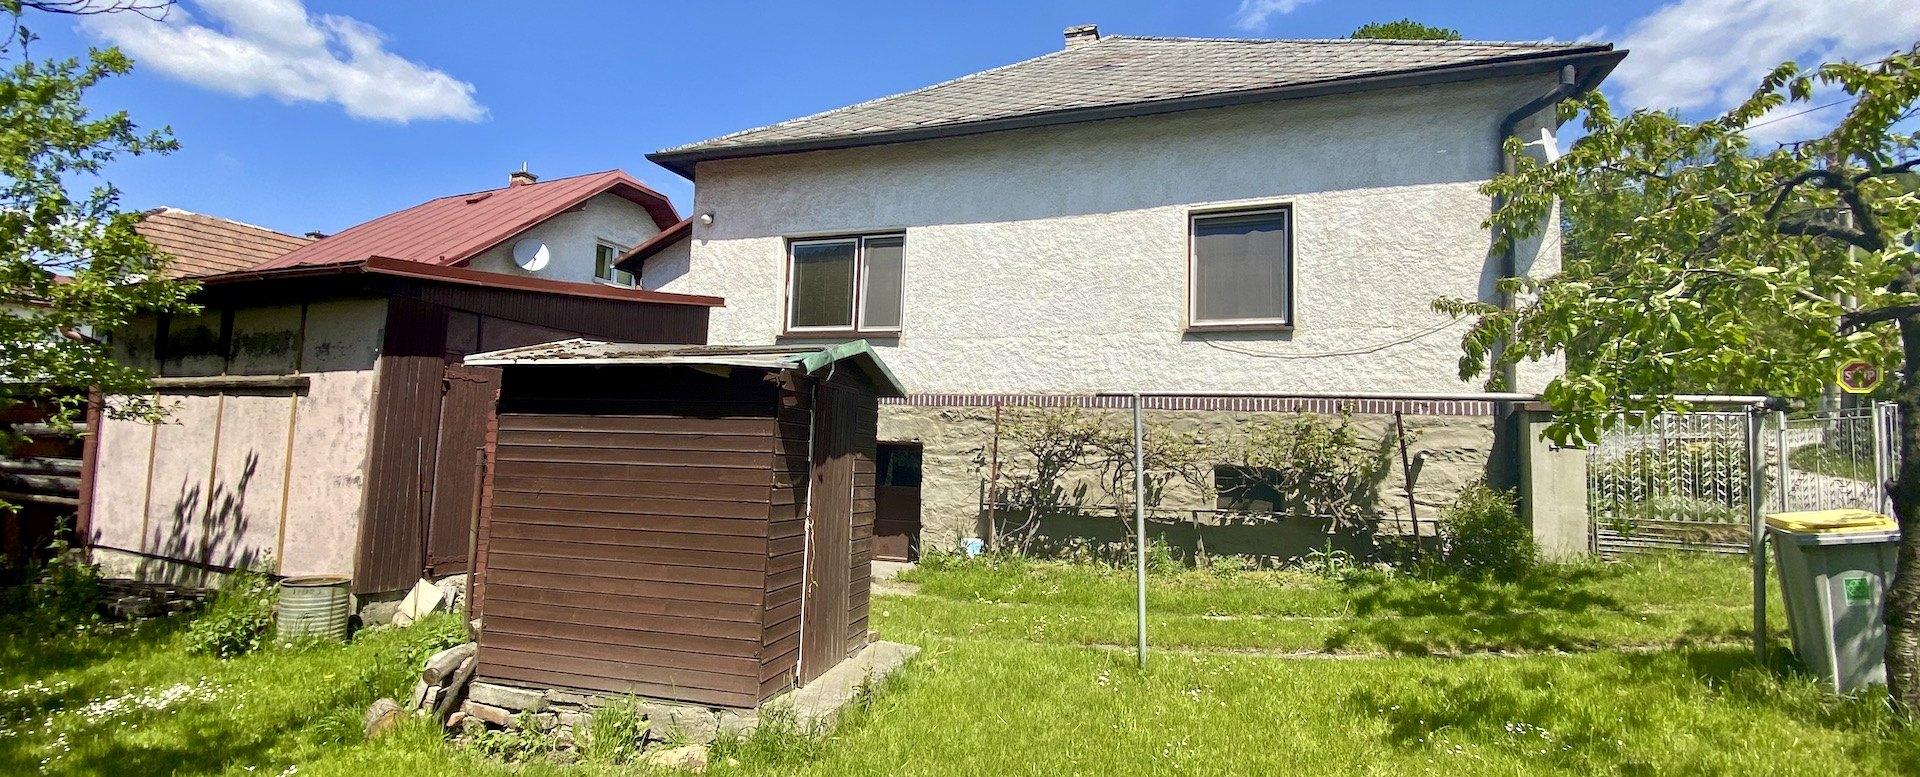 Rodinný dom s kôlňou pohľad zboku